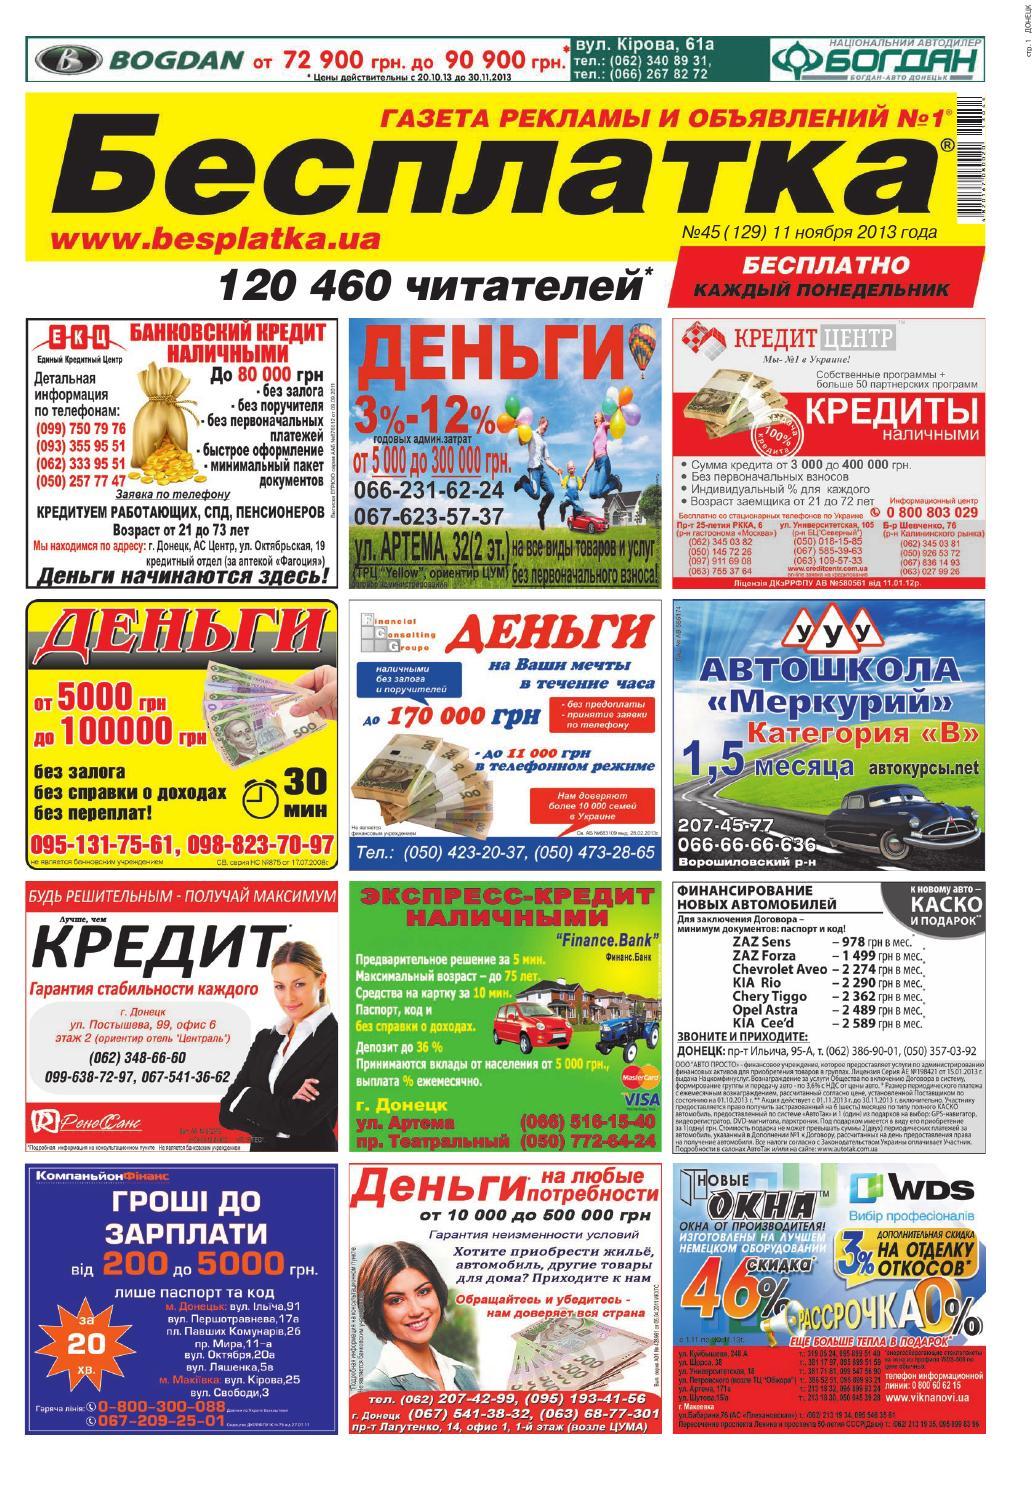 Besplatka donetsk 11 11 2013 by besplatka ukraine - issuu b3915bb8566